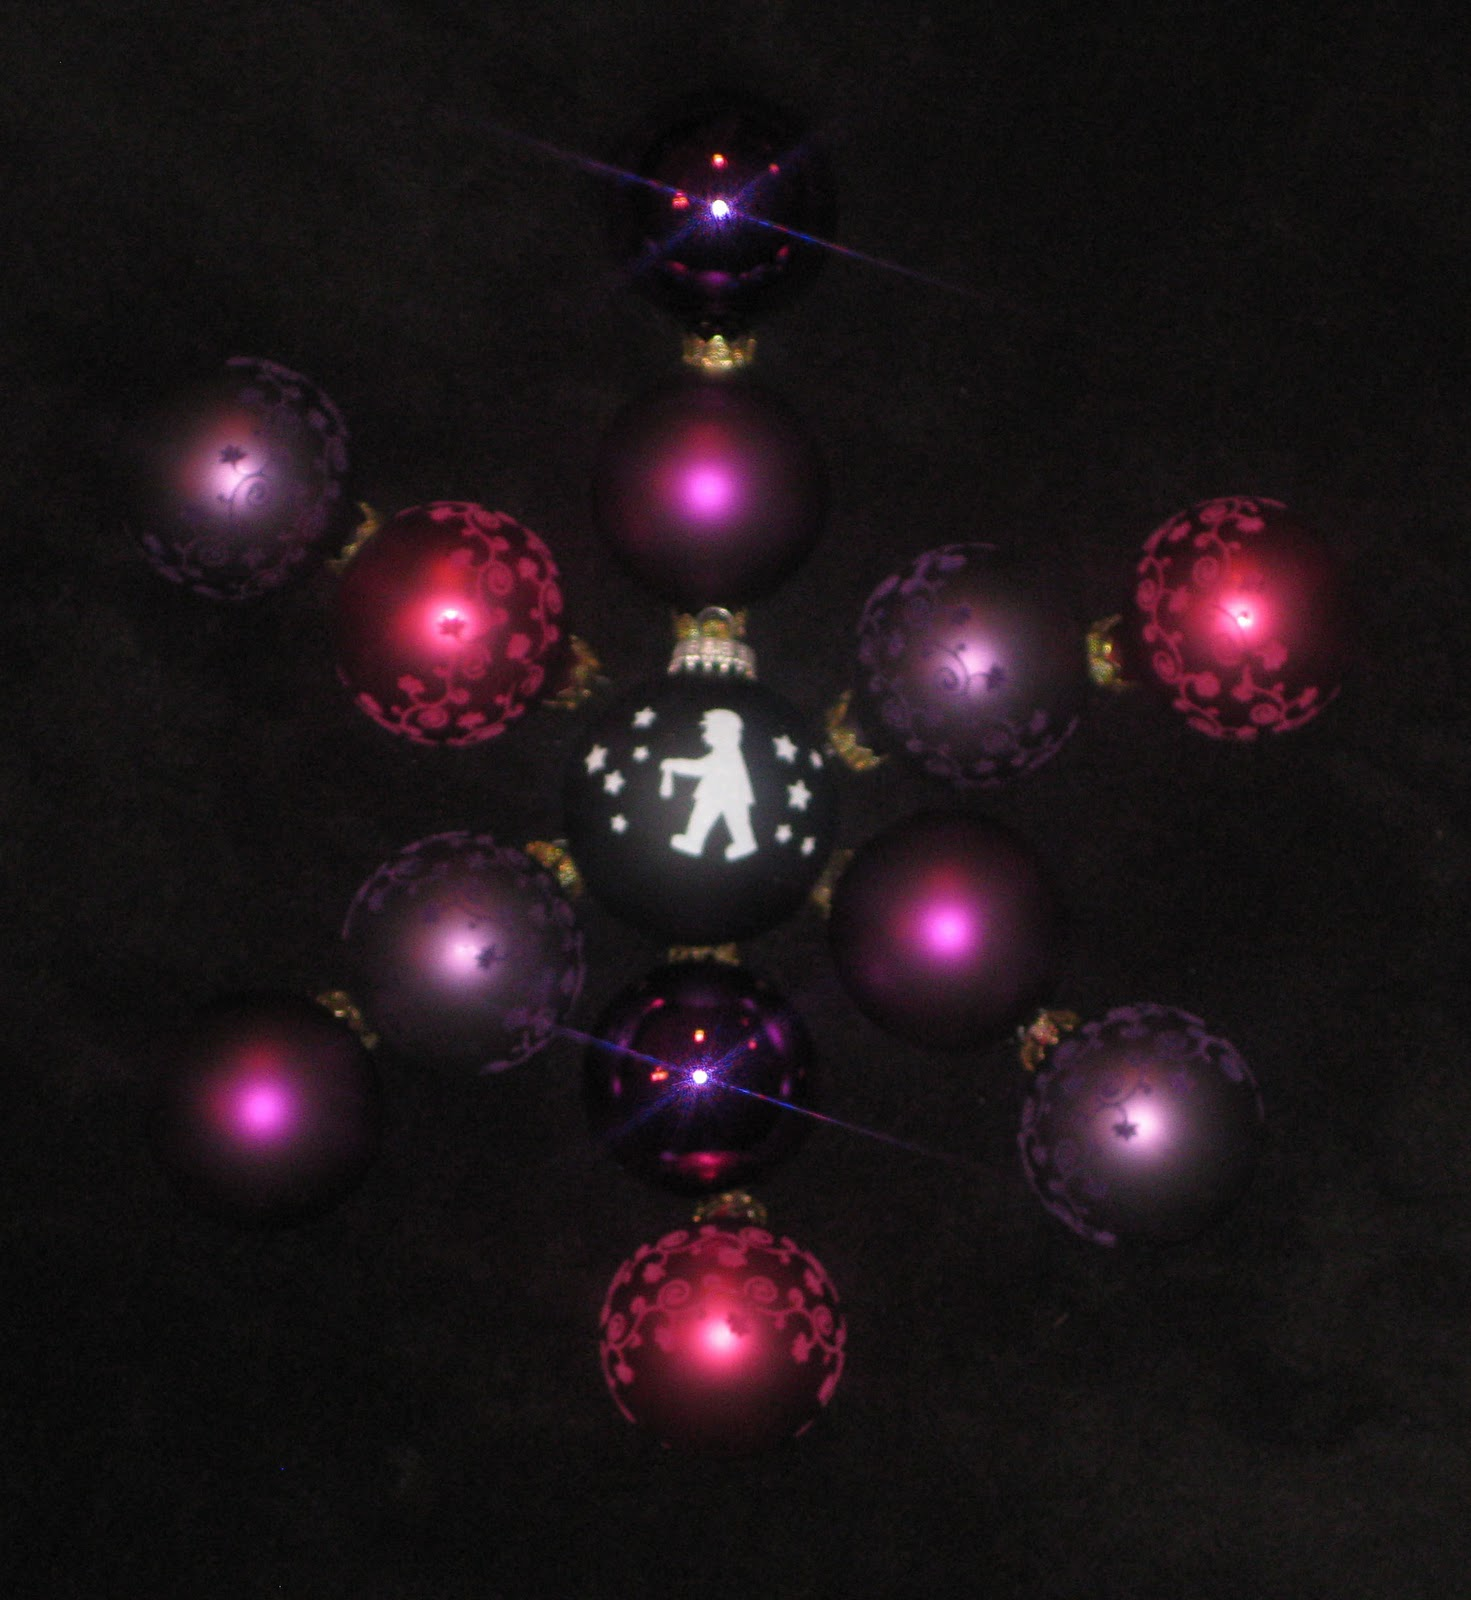 Christbaumkugeln Magenta.365 Days Of Stargazing 109 Christmas Glitter Balls